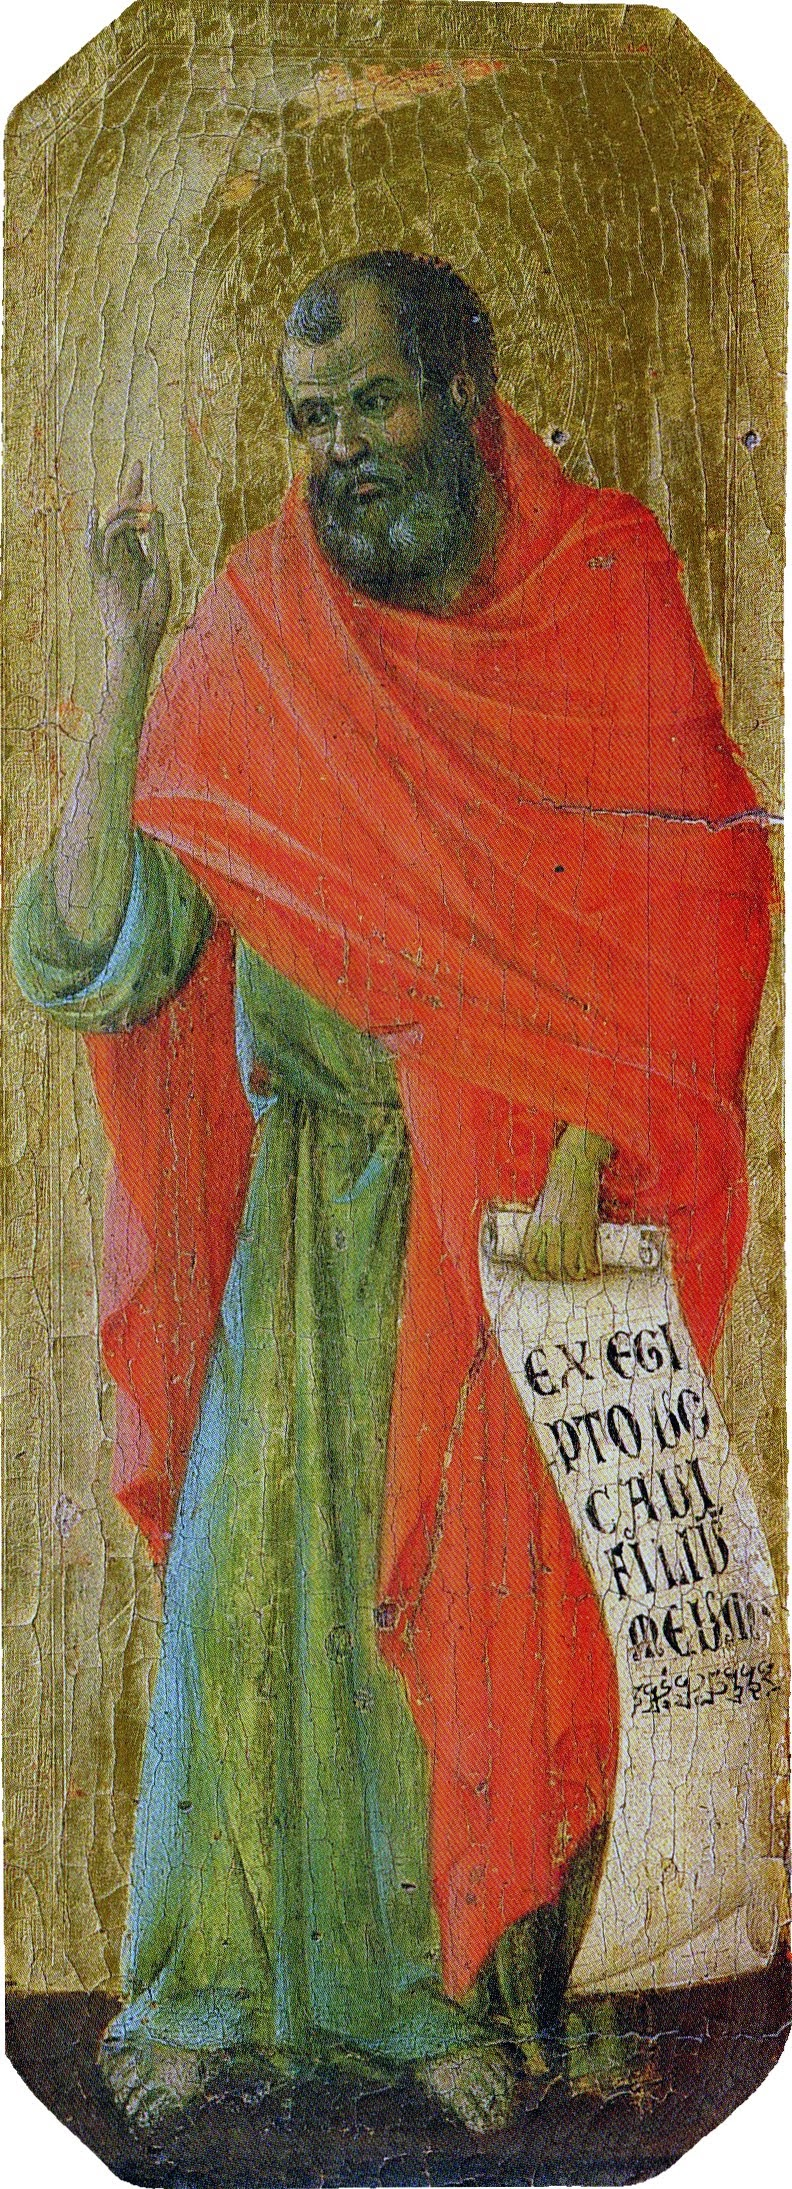 Duccio di Buoninsegna, Predella della Maestà, Osea